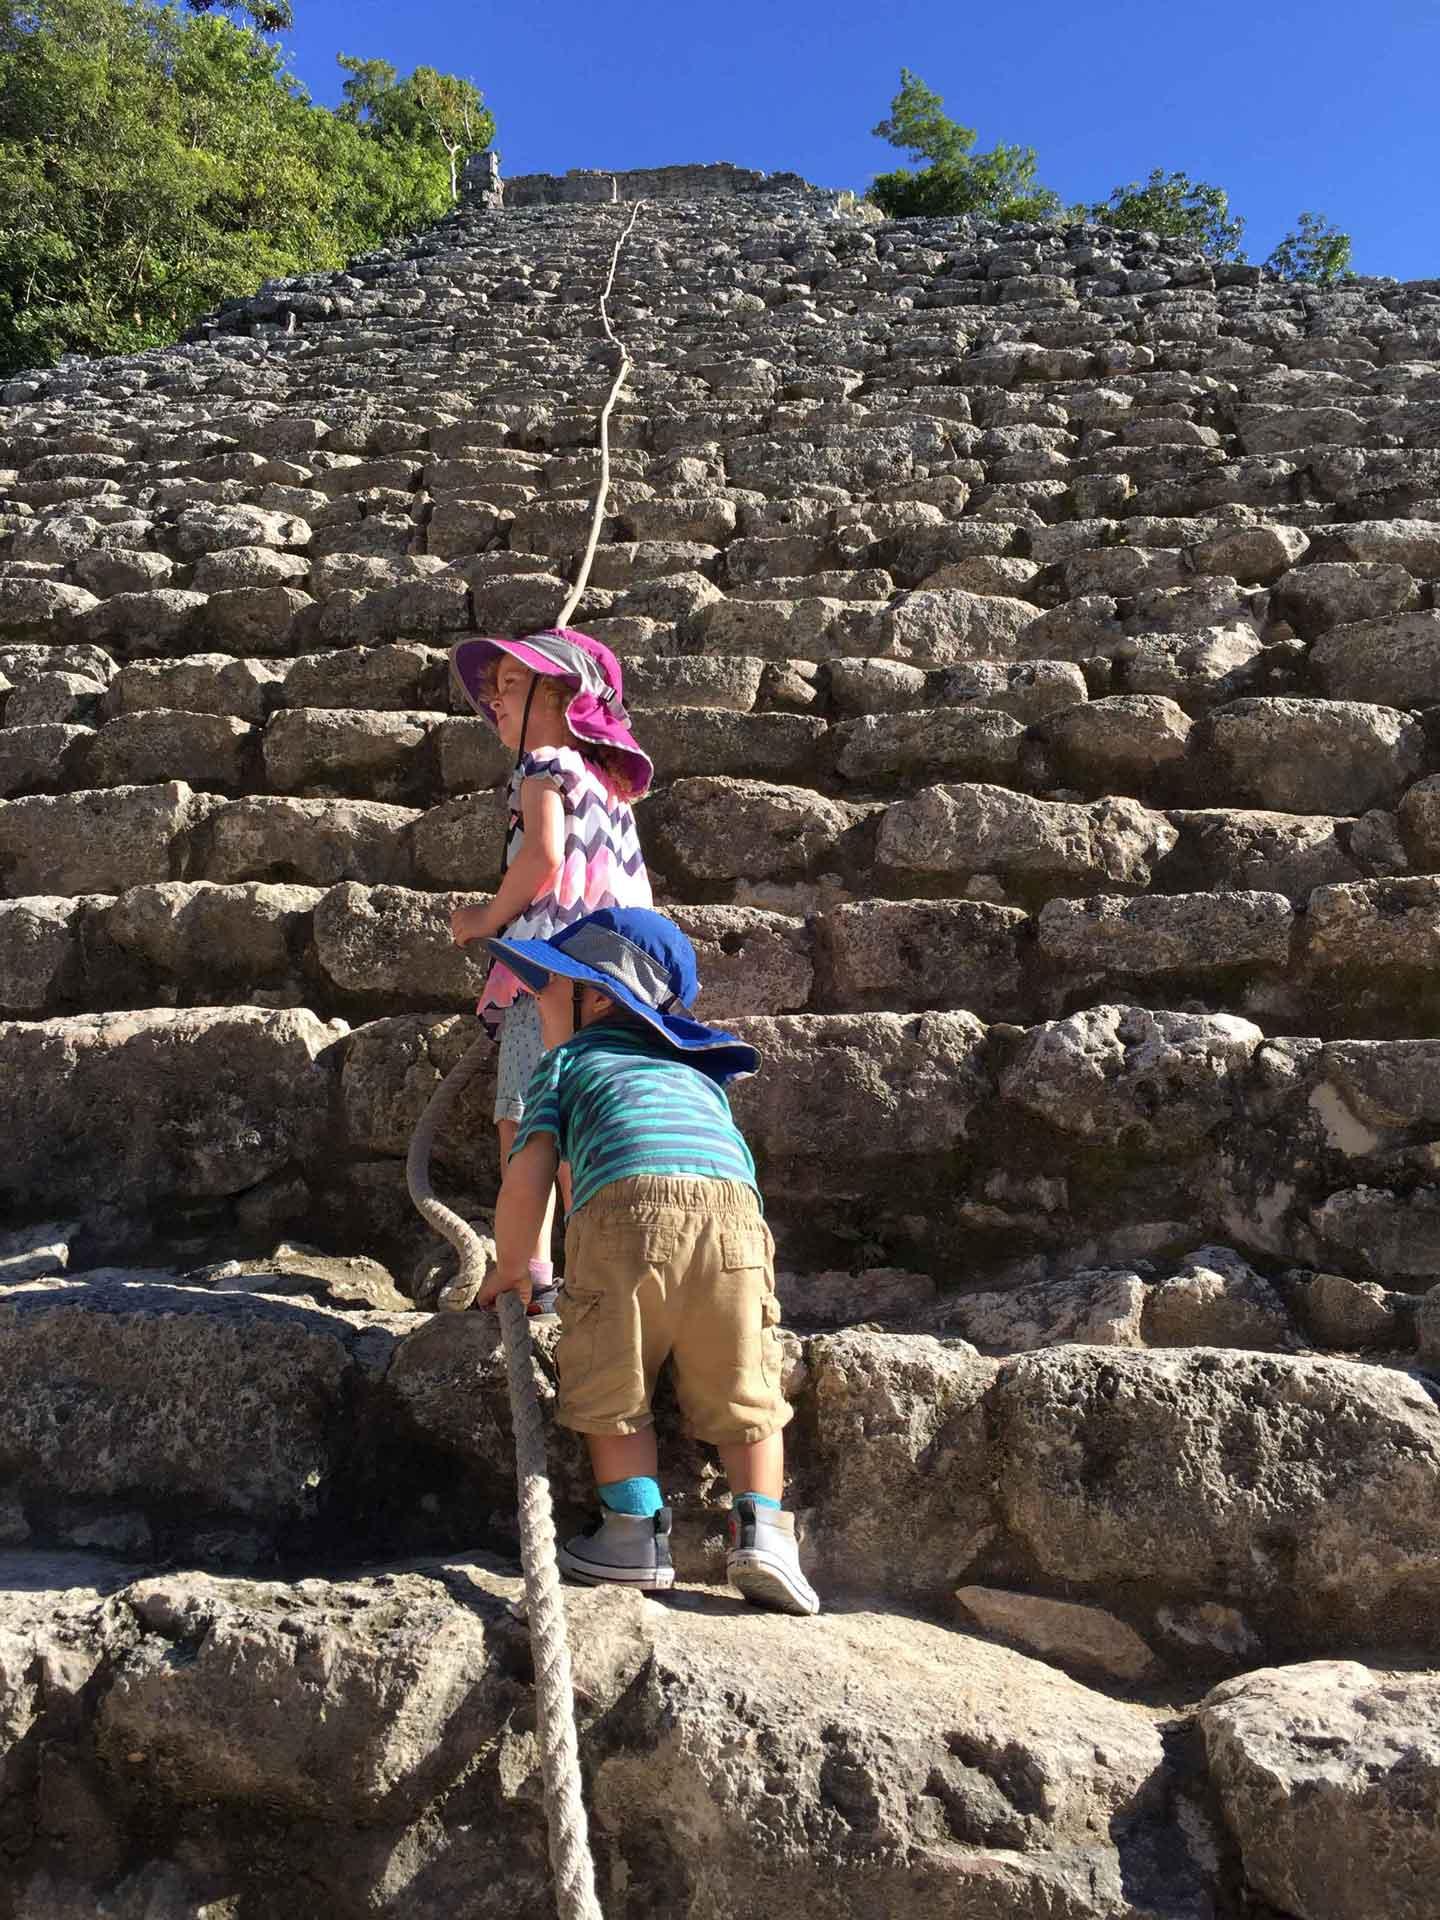 Climbing Coba Ruins in Mexico